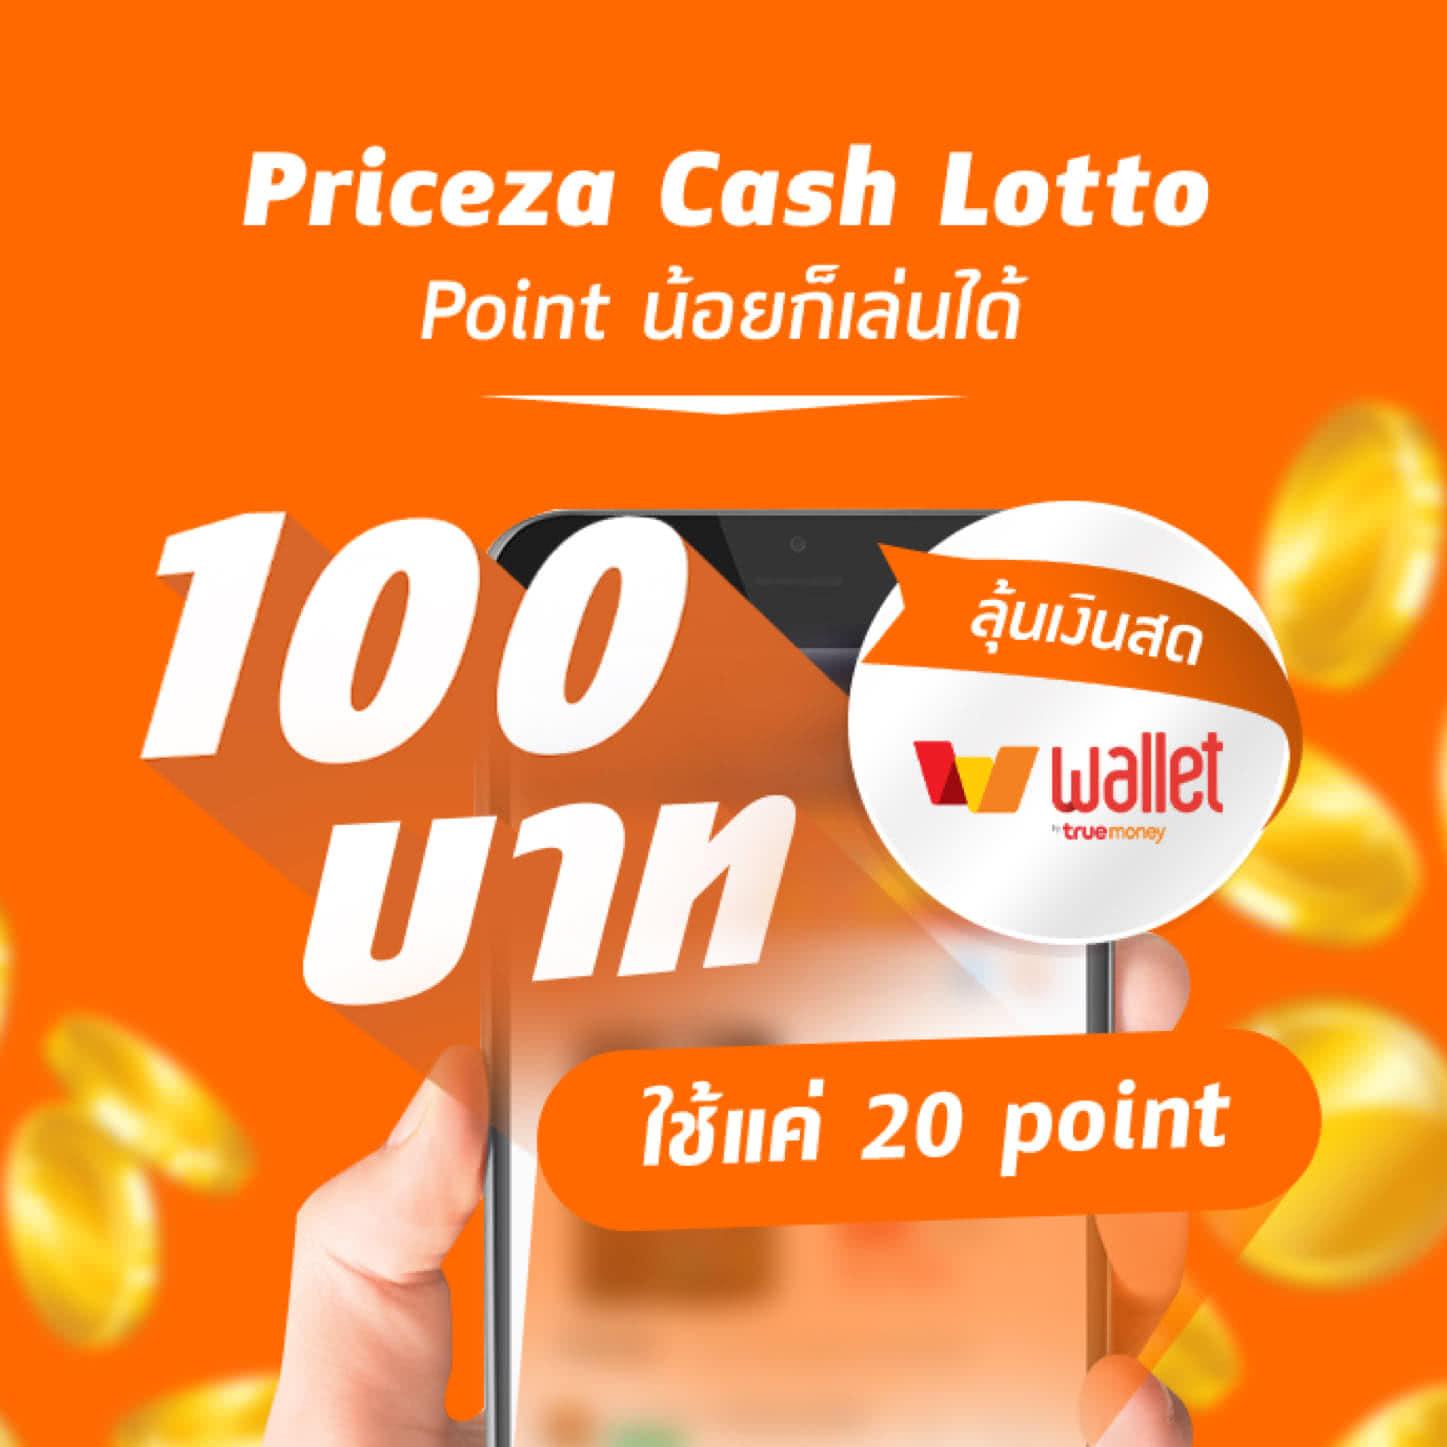 [ประกาศผล] Priceza Cash Lotto (5 รางวัล)